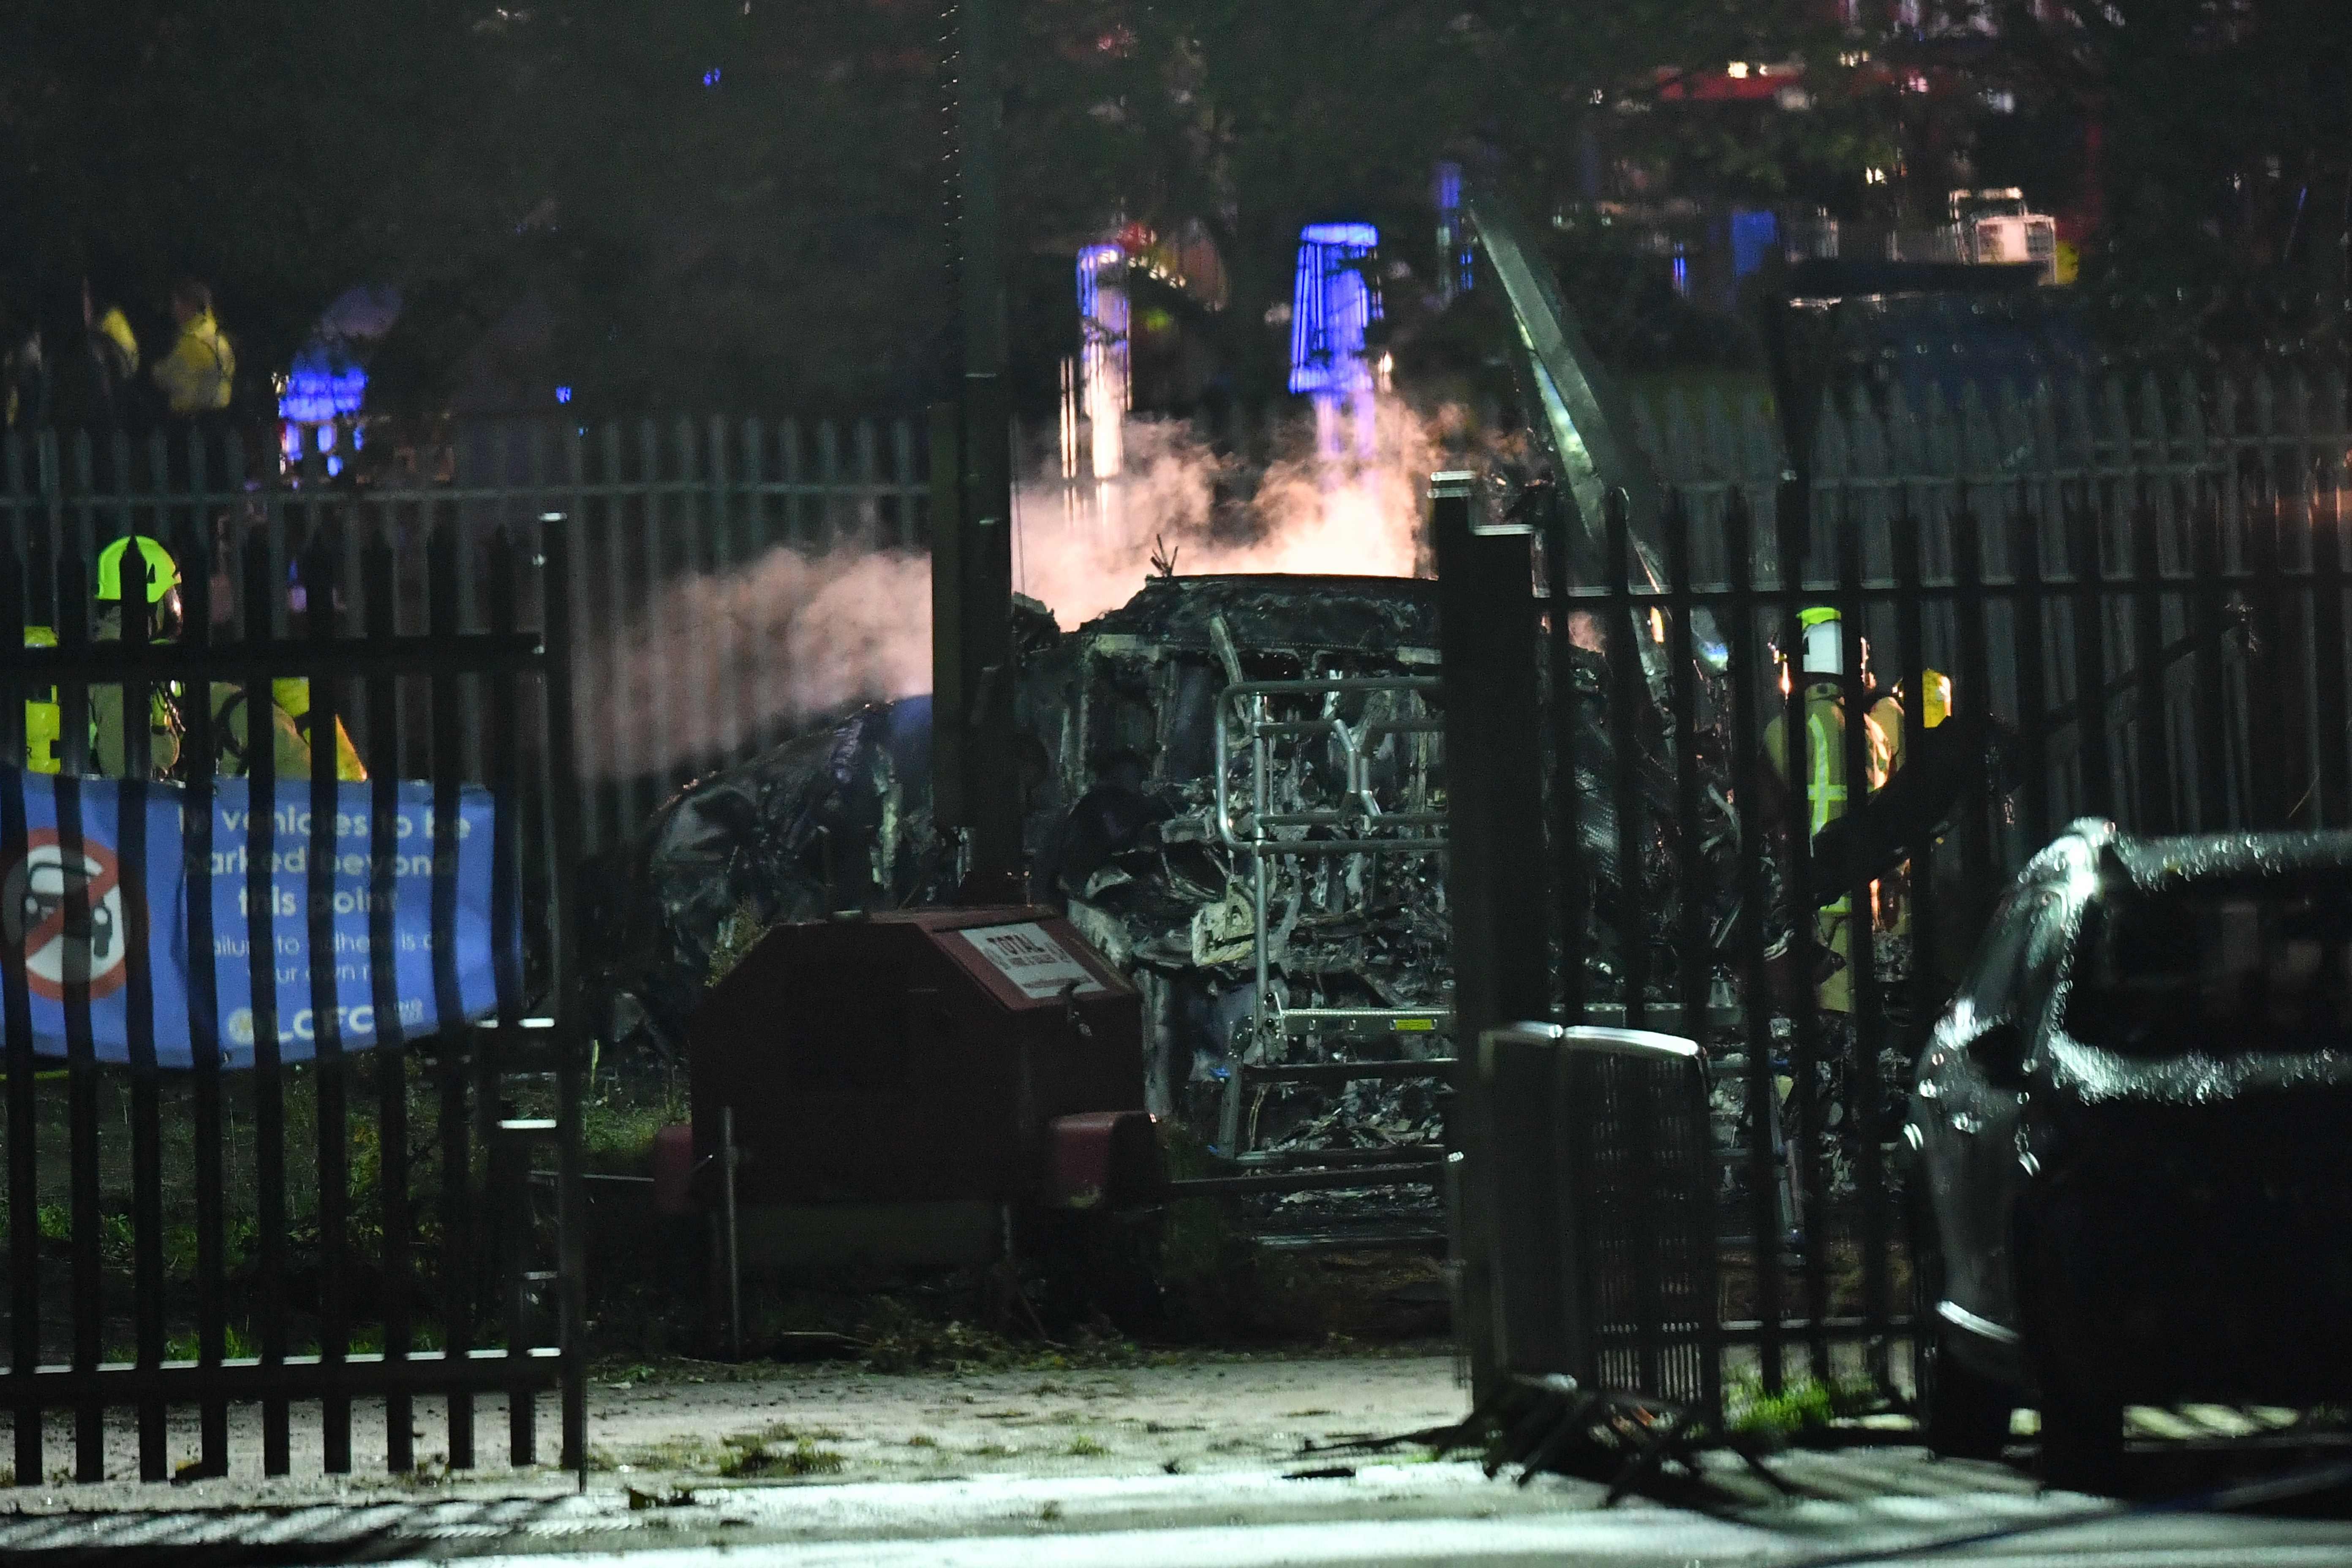 Eine defekte Cockpitpedale soll Schuld am Hubschrauberabsturz sein: In diesem Wrack starb der Boss von Leicester City.